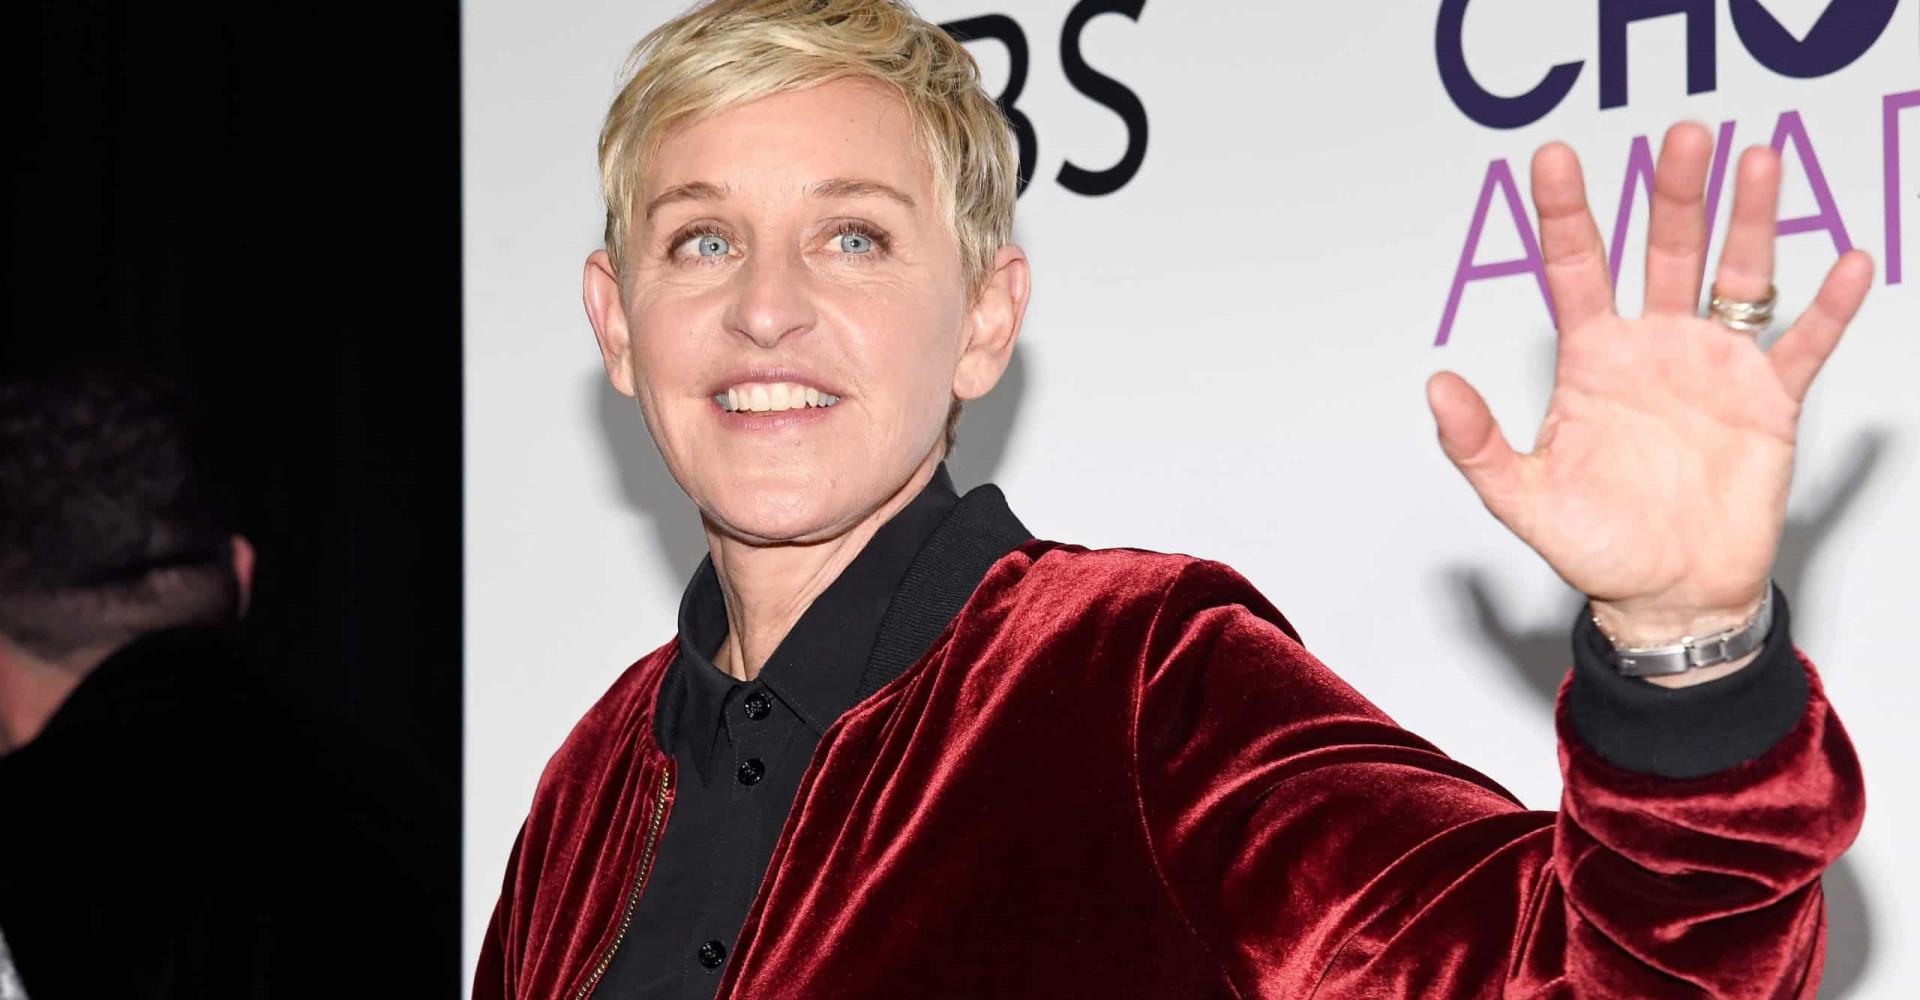 Ellen DeGeneres, America's favorite host, turns 61